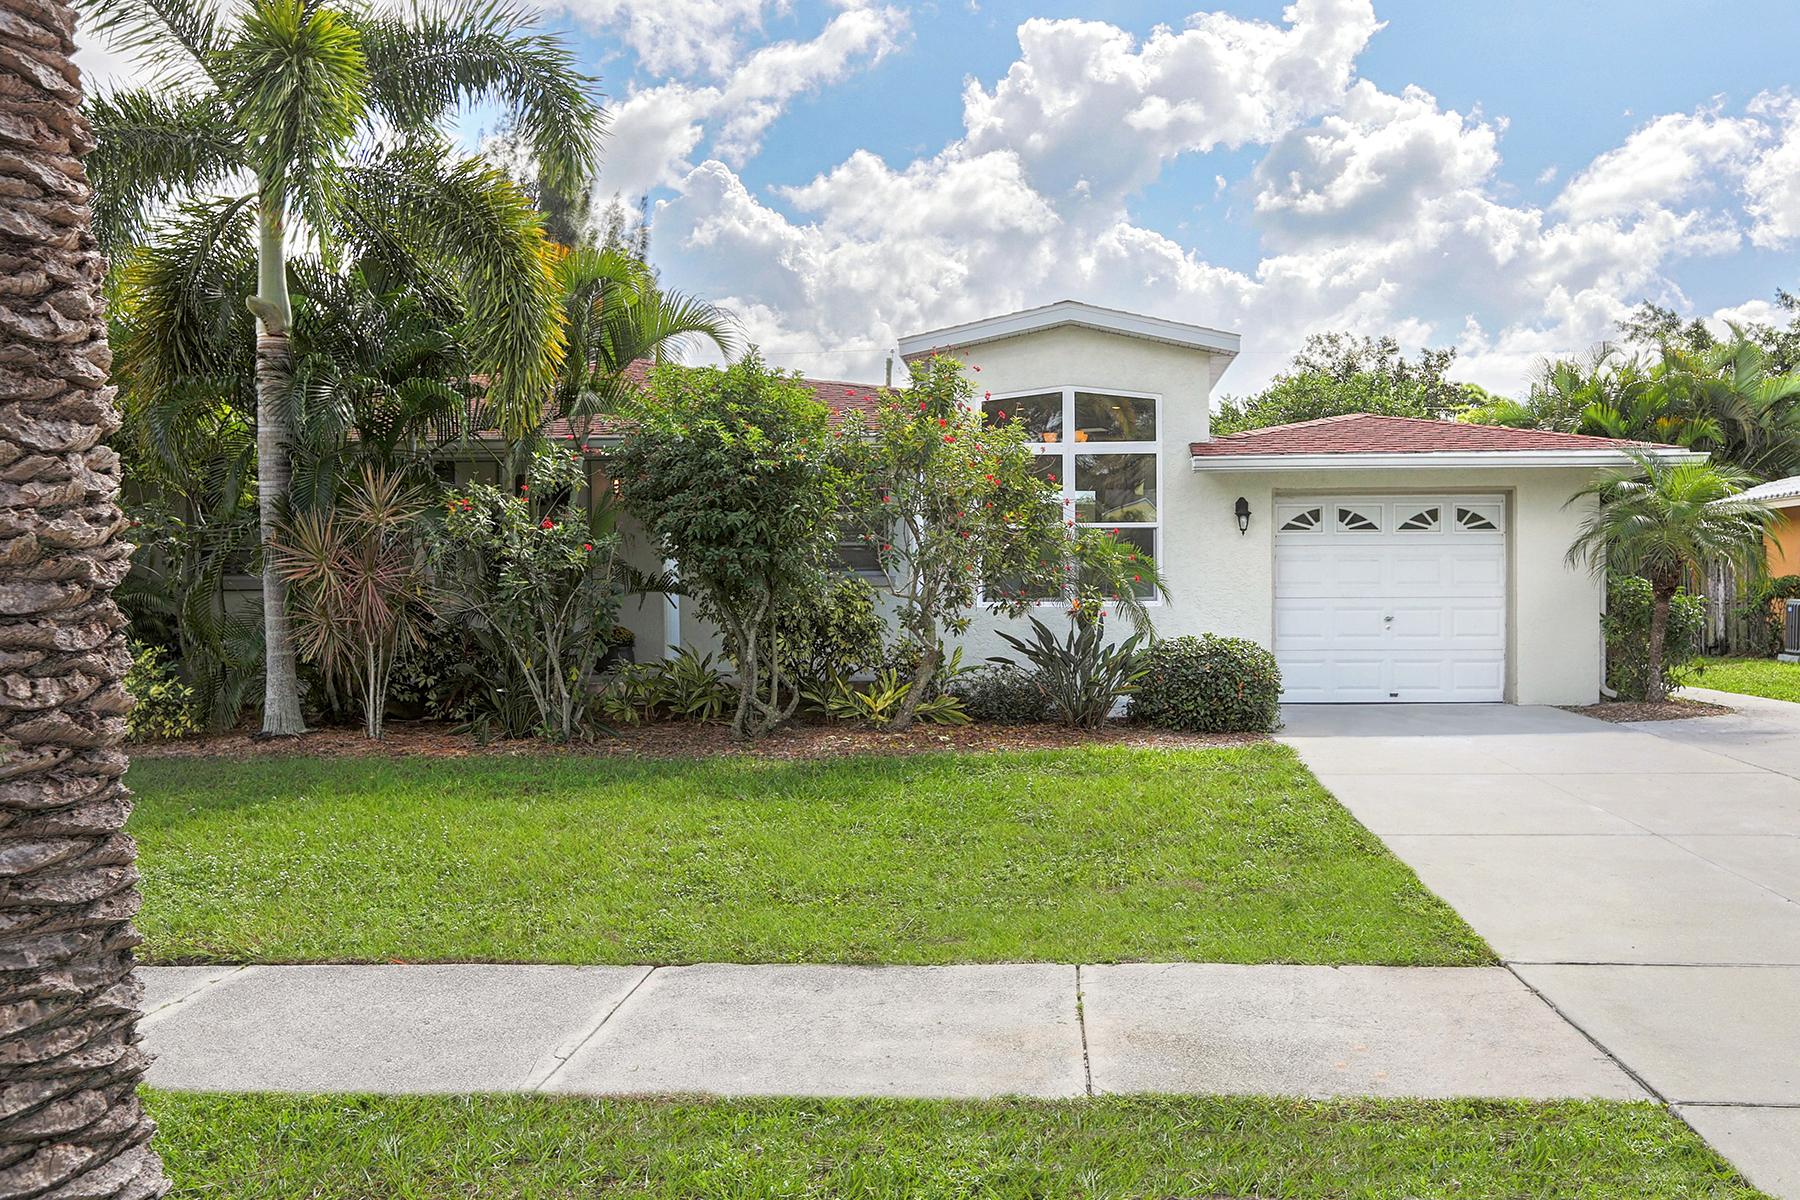 独户住宅 为 销售 在 VENICE ISLAND 229 San Marco Dr 威尼斯, 佛罗里达州, 34285 美国